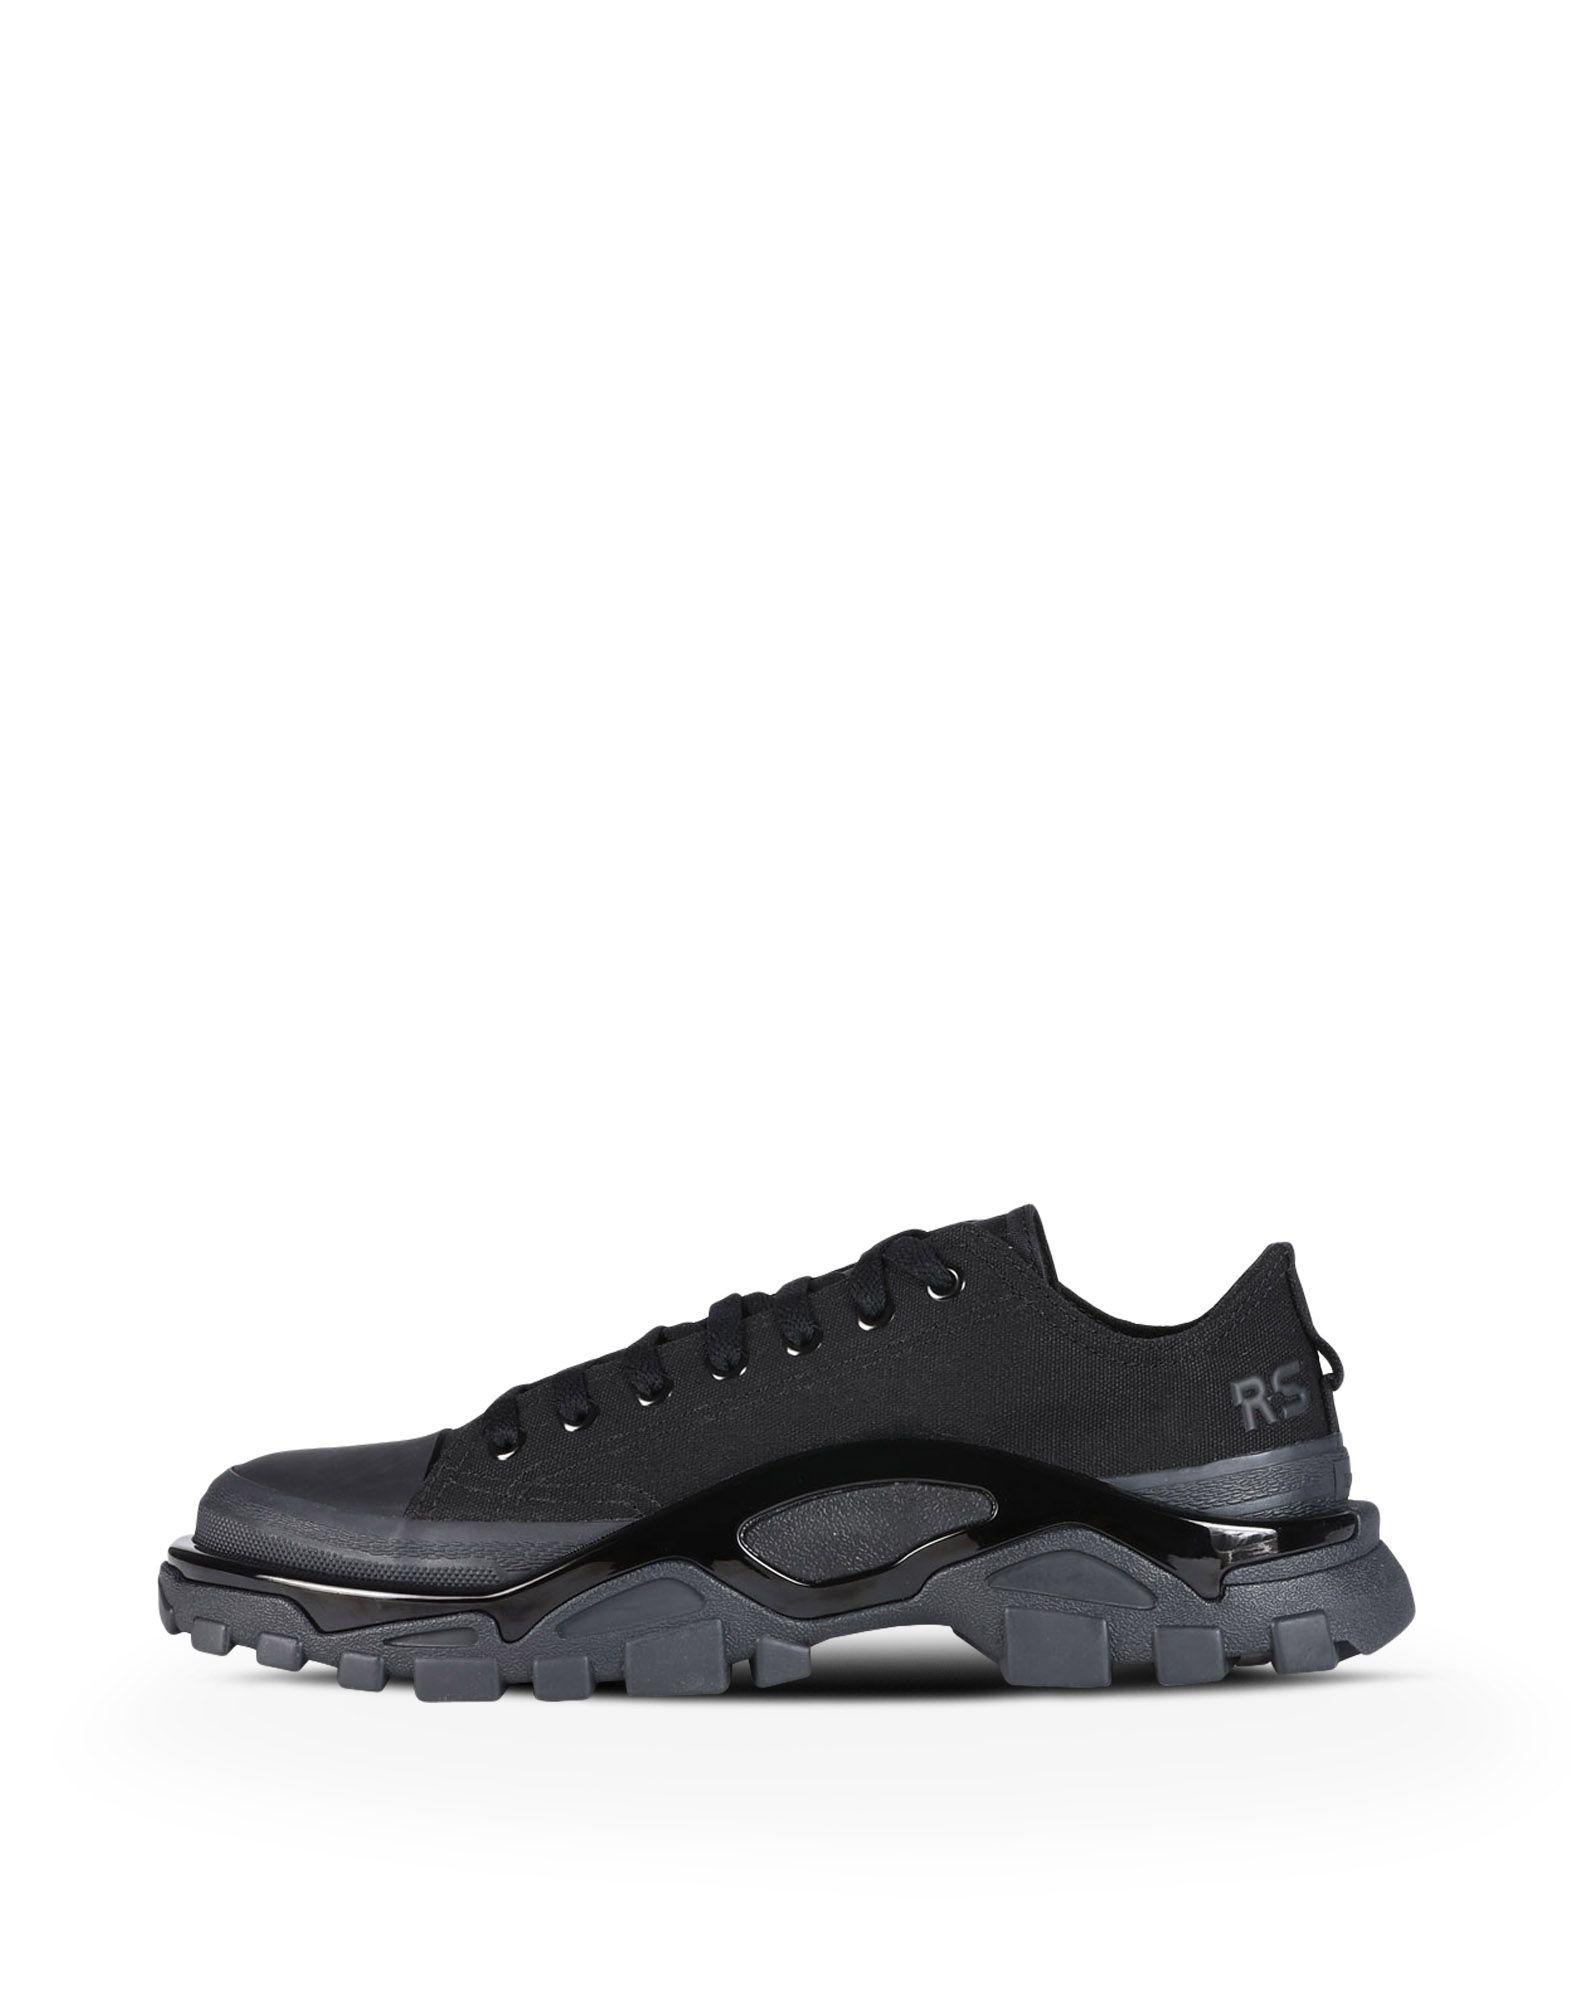 sneakers RAF SIMONS DETROIT RUNNER